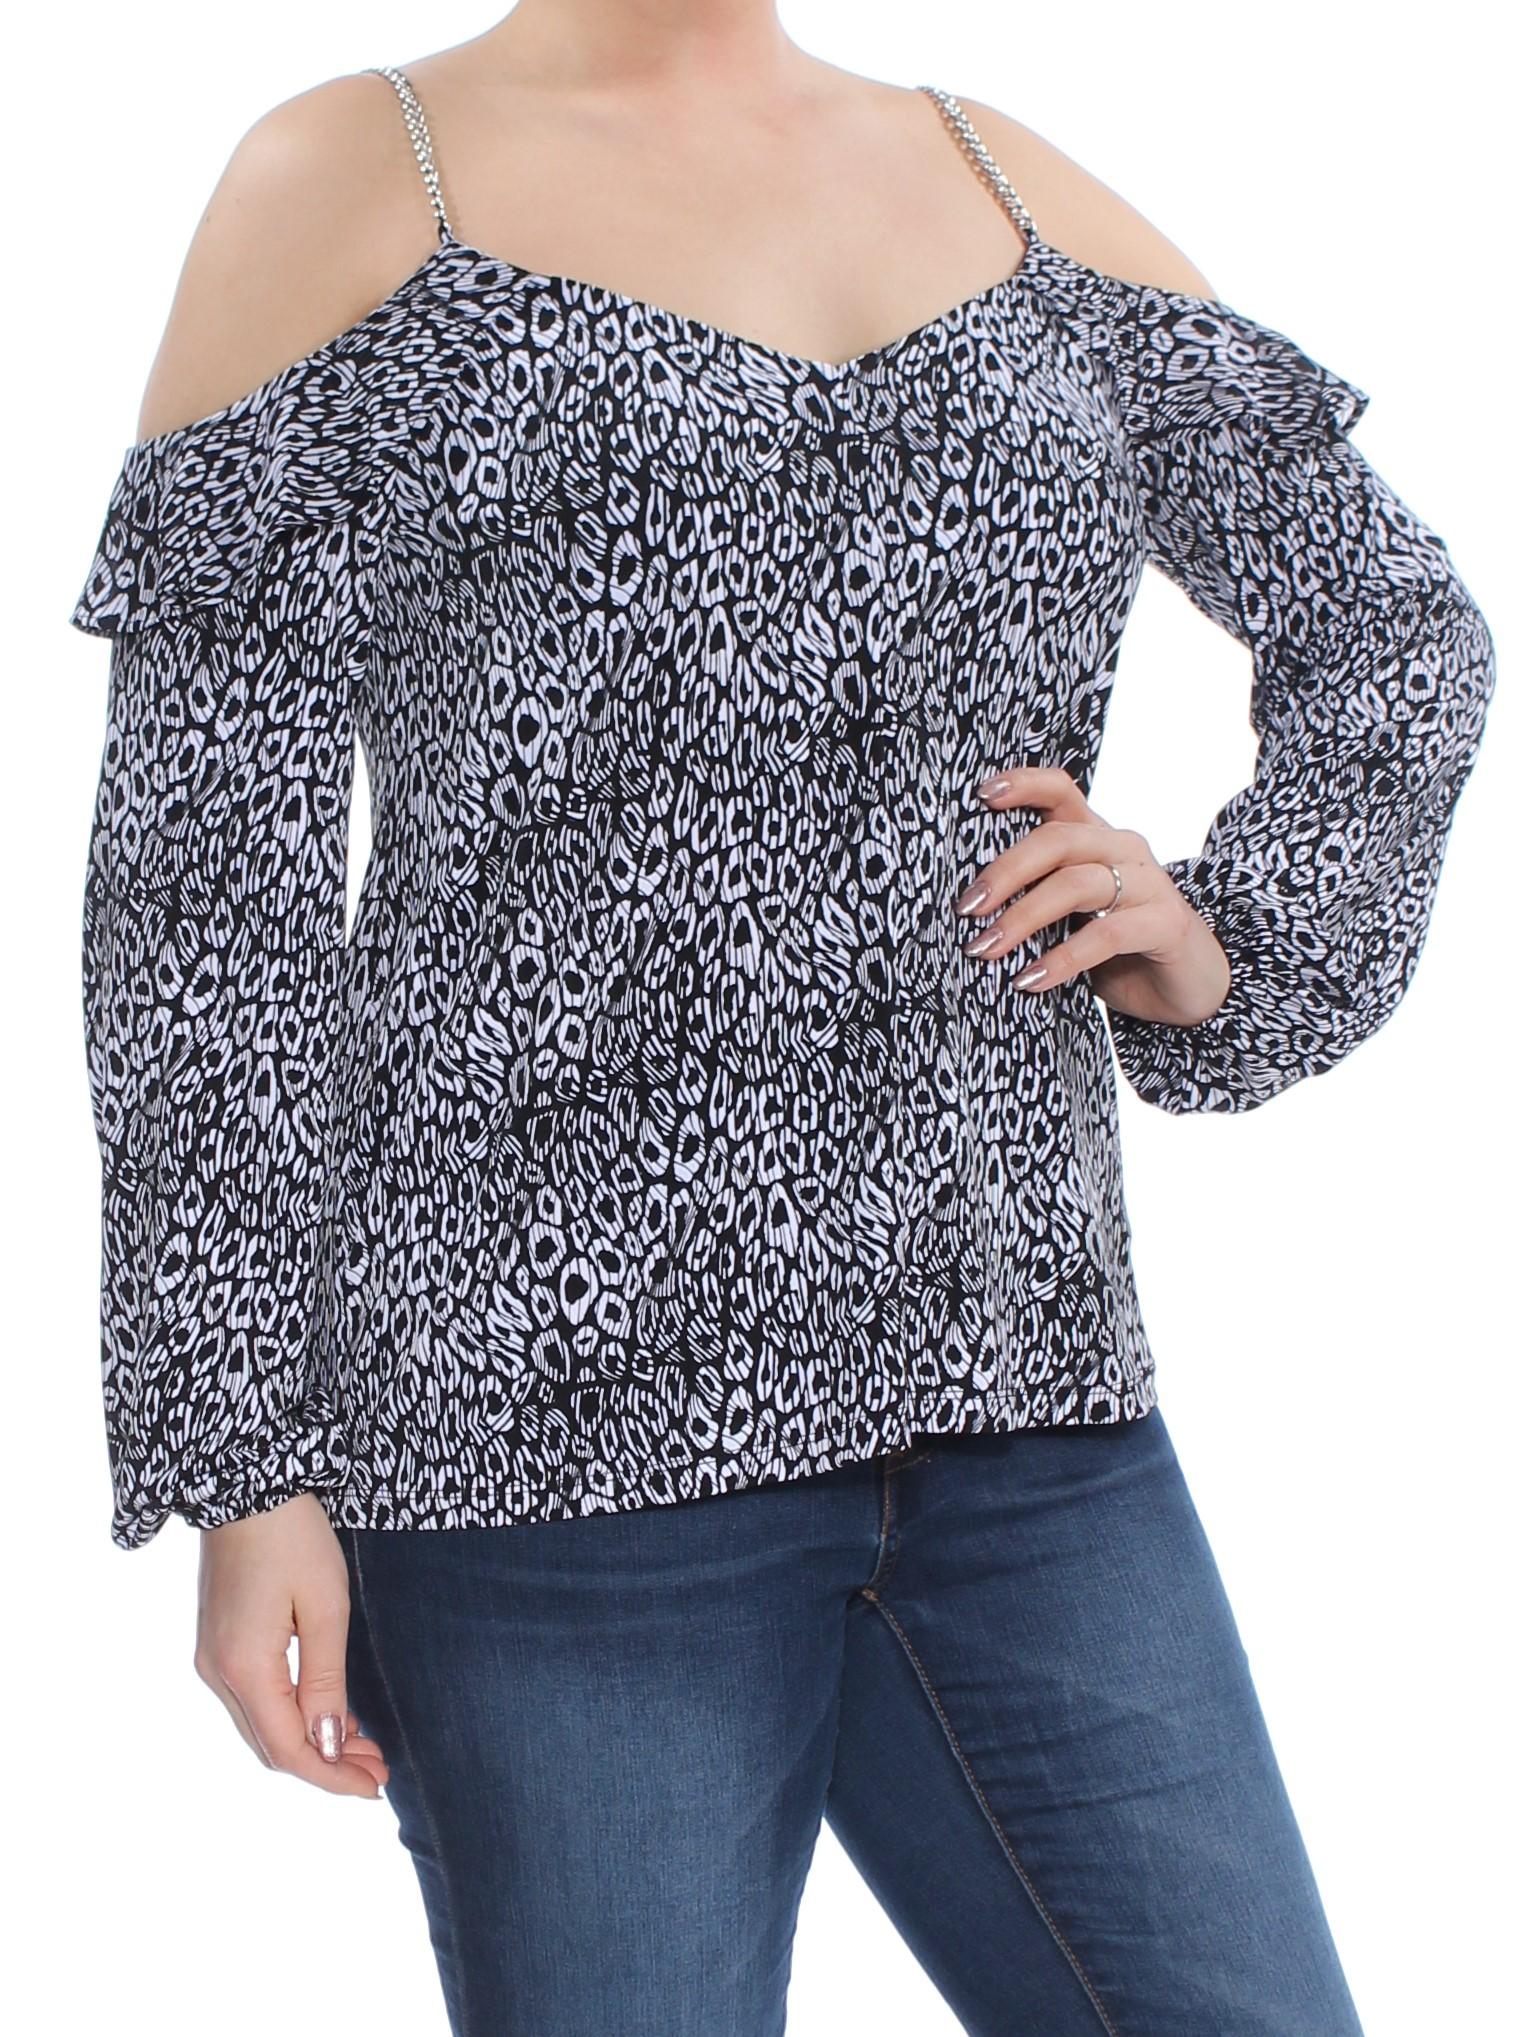 a8f2ec1cca000a MICHAEL KORS  78 Womens Black Printed Chain-Link Cold Shoulder ...